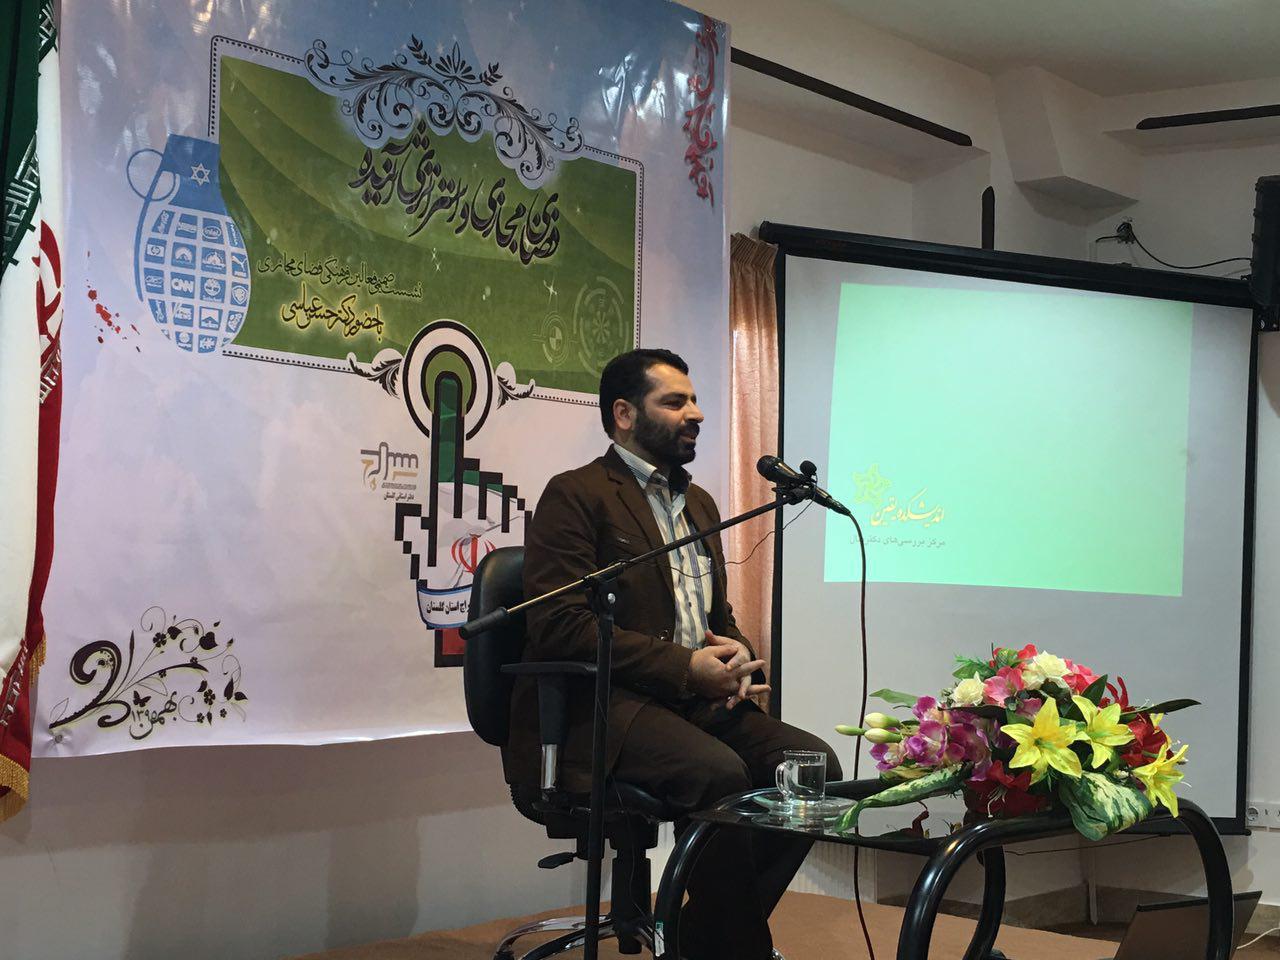 حسن عباسی گرگان (6)